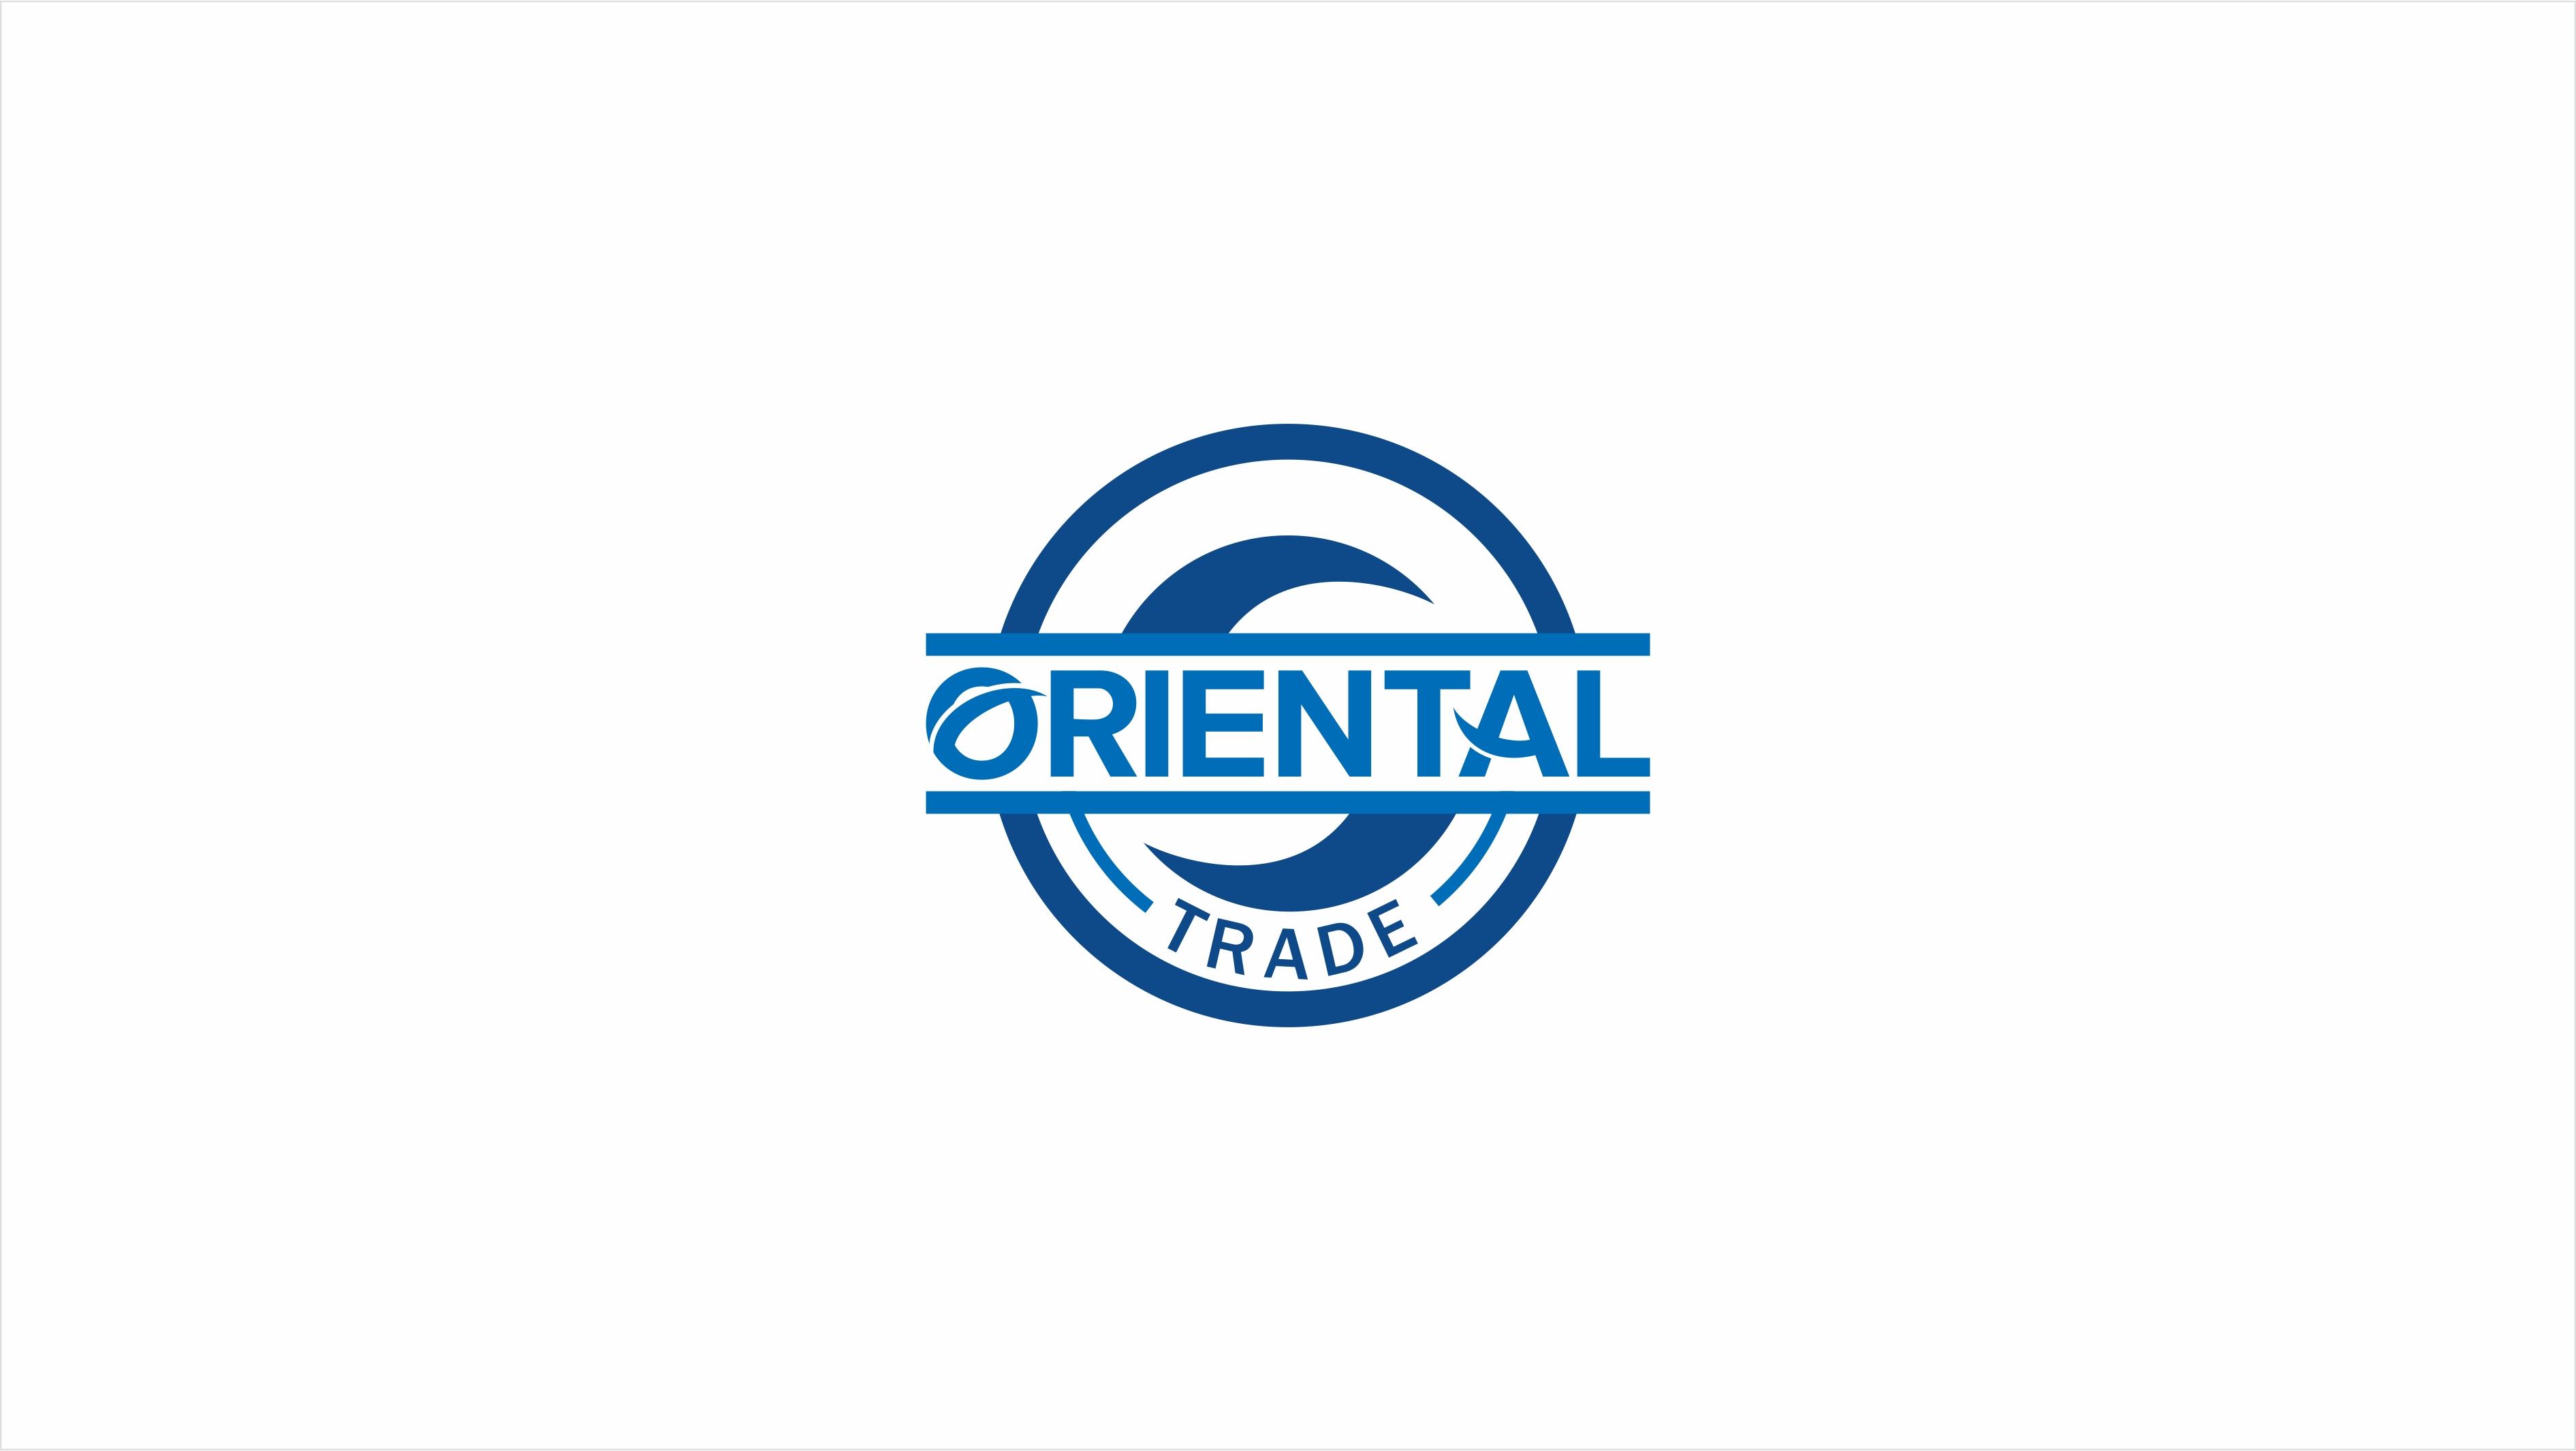 进出口贸易行业标志设计